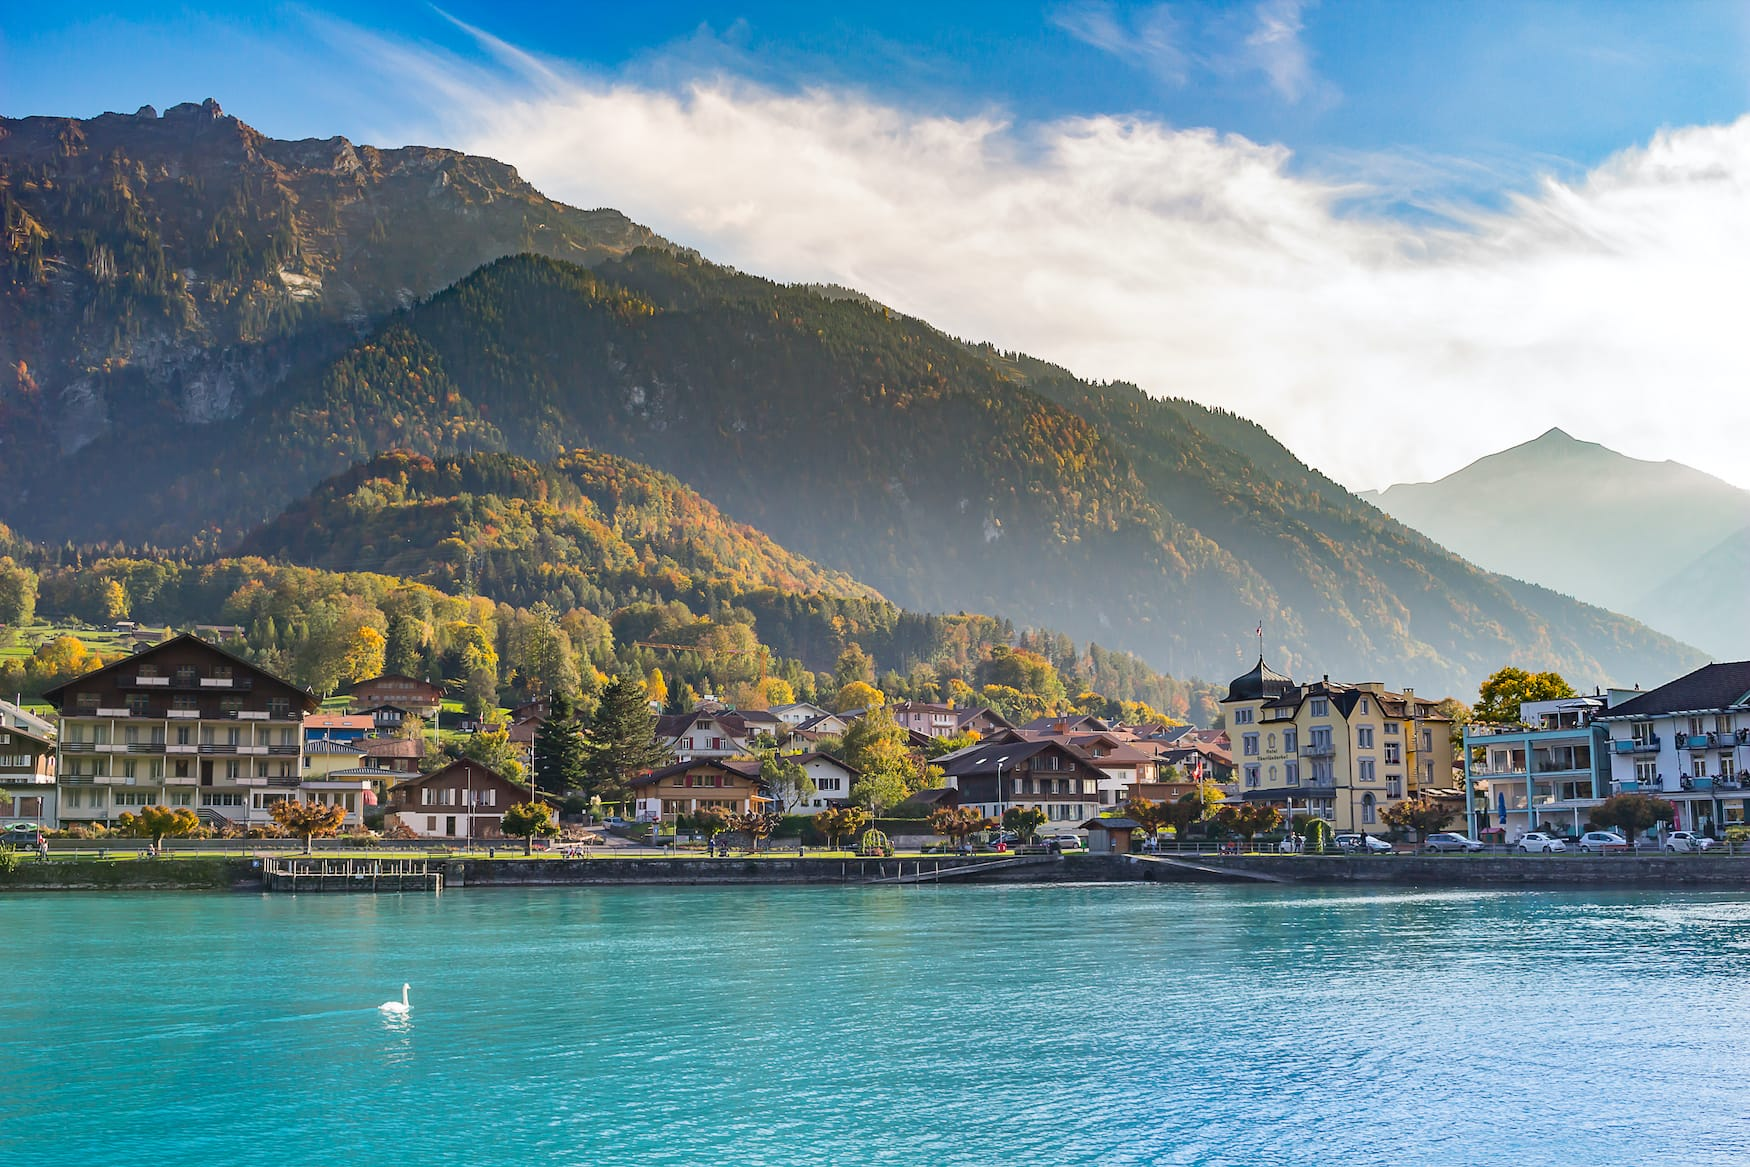 Landhäuser am Breinzer See in Interlaken